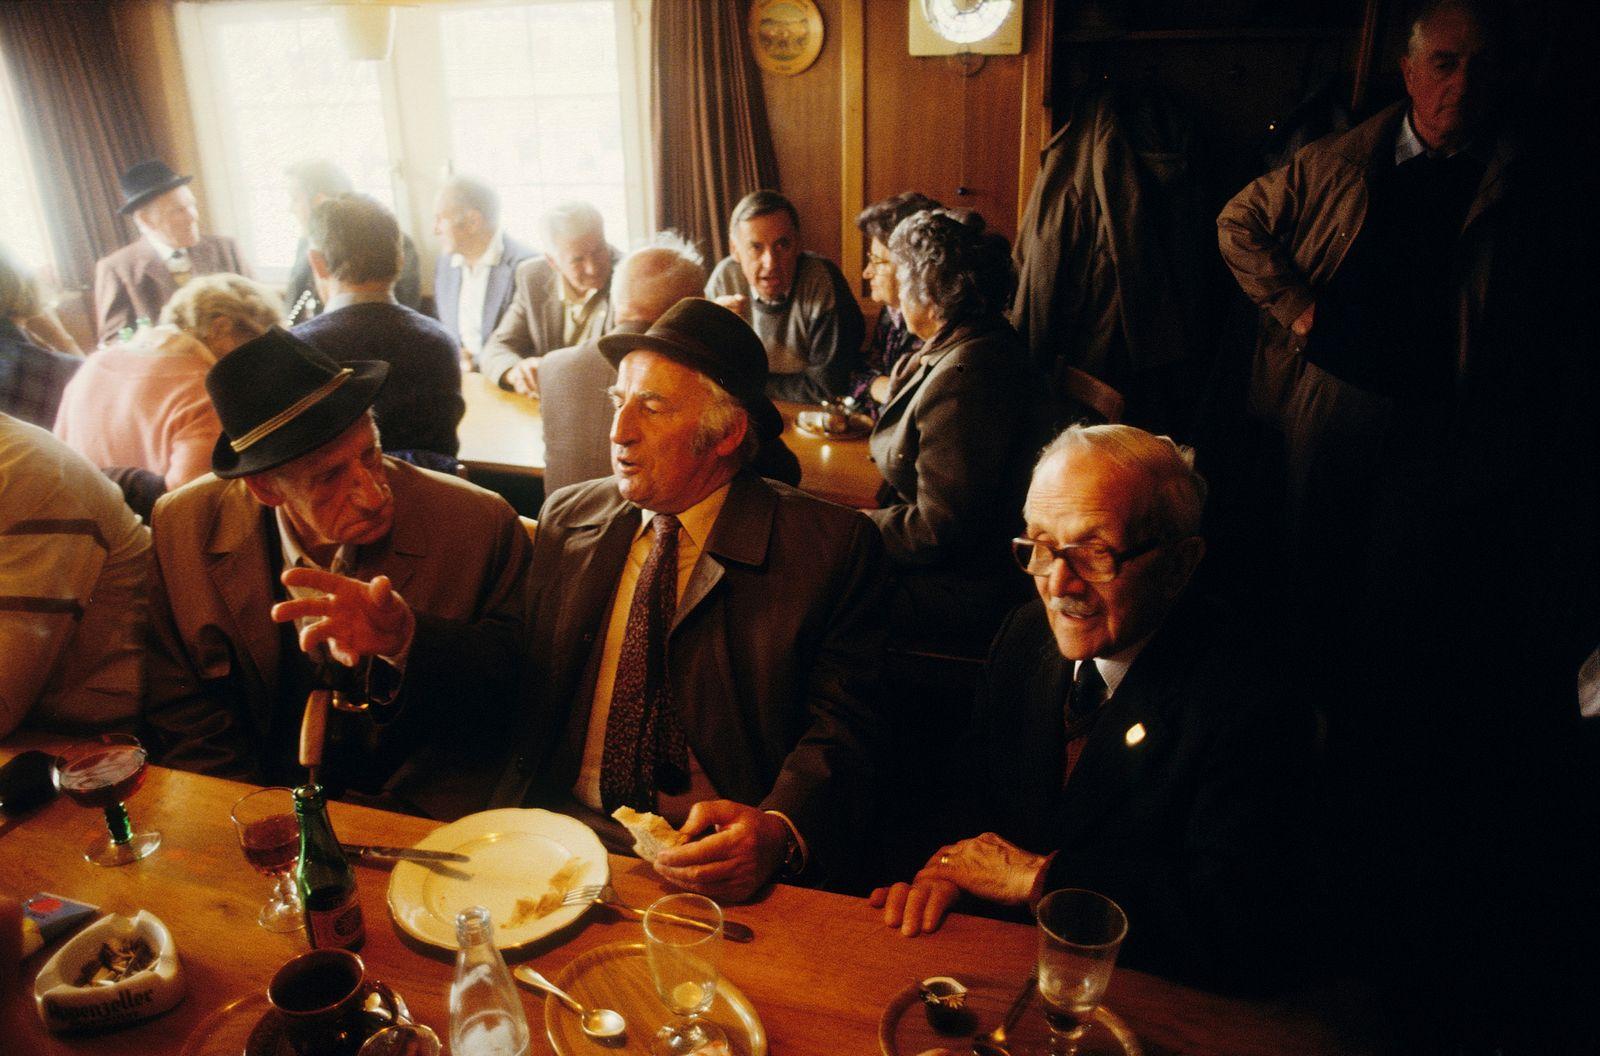 ?ltere Appenzeller am Wirtshaustisch, Hundwil 1989